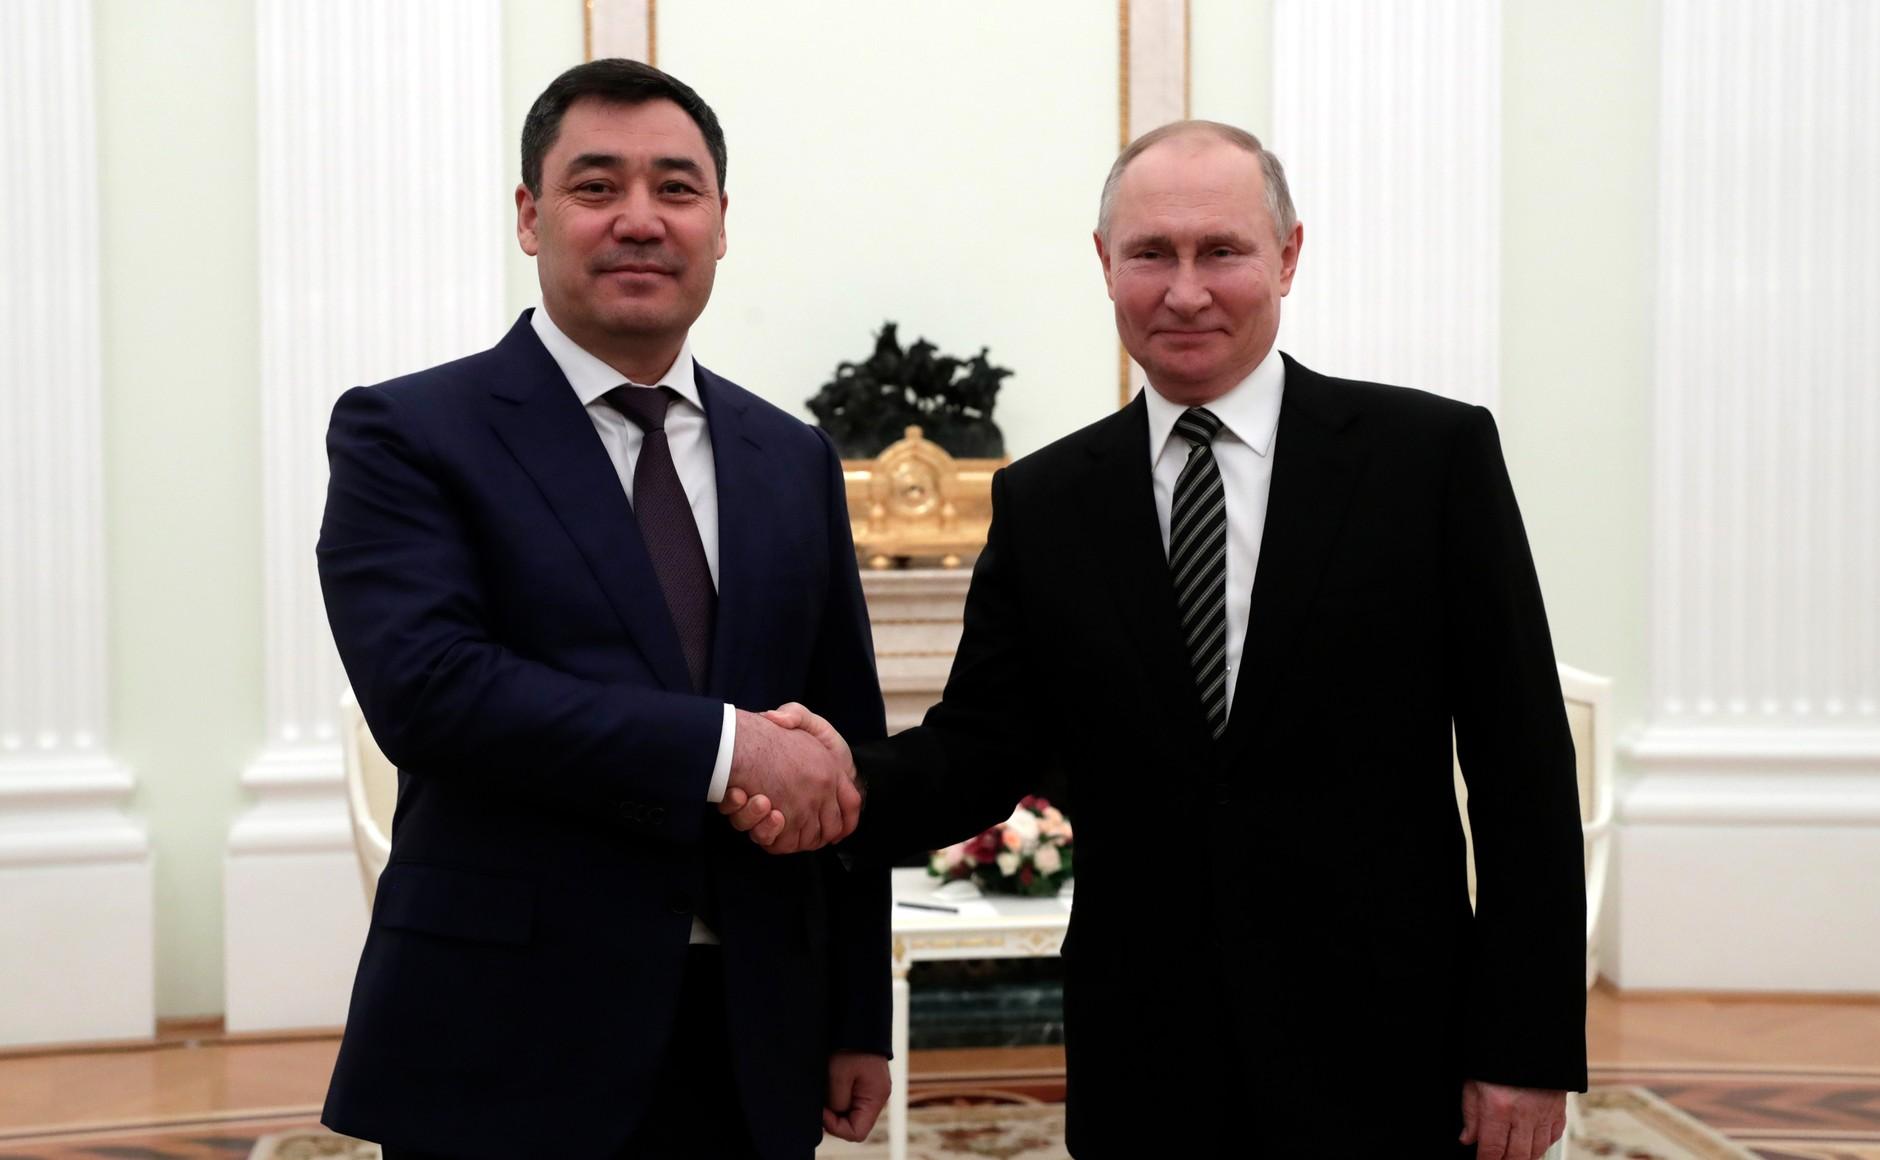 KIRGHISTAN 2 XX 5 Rencontre avec le président du Kirghizistan Sadyr Japarov 24 février 2021